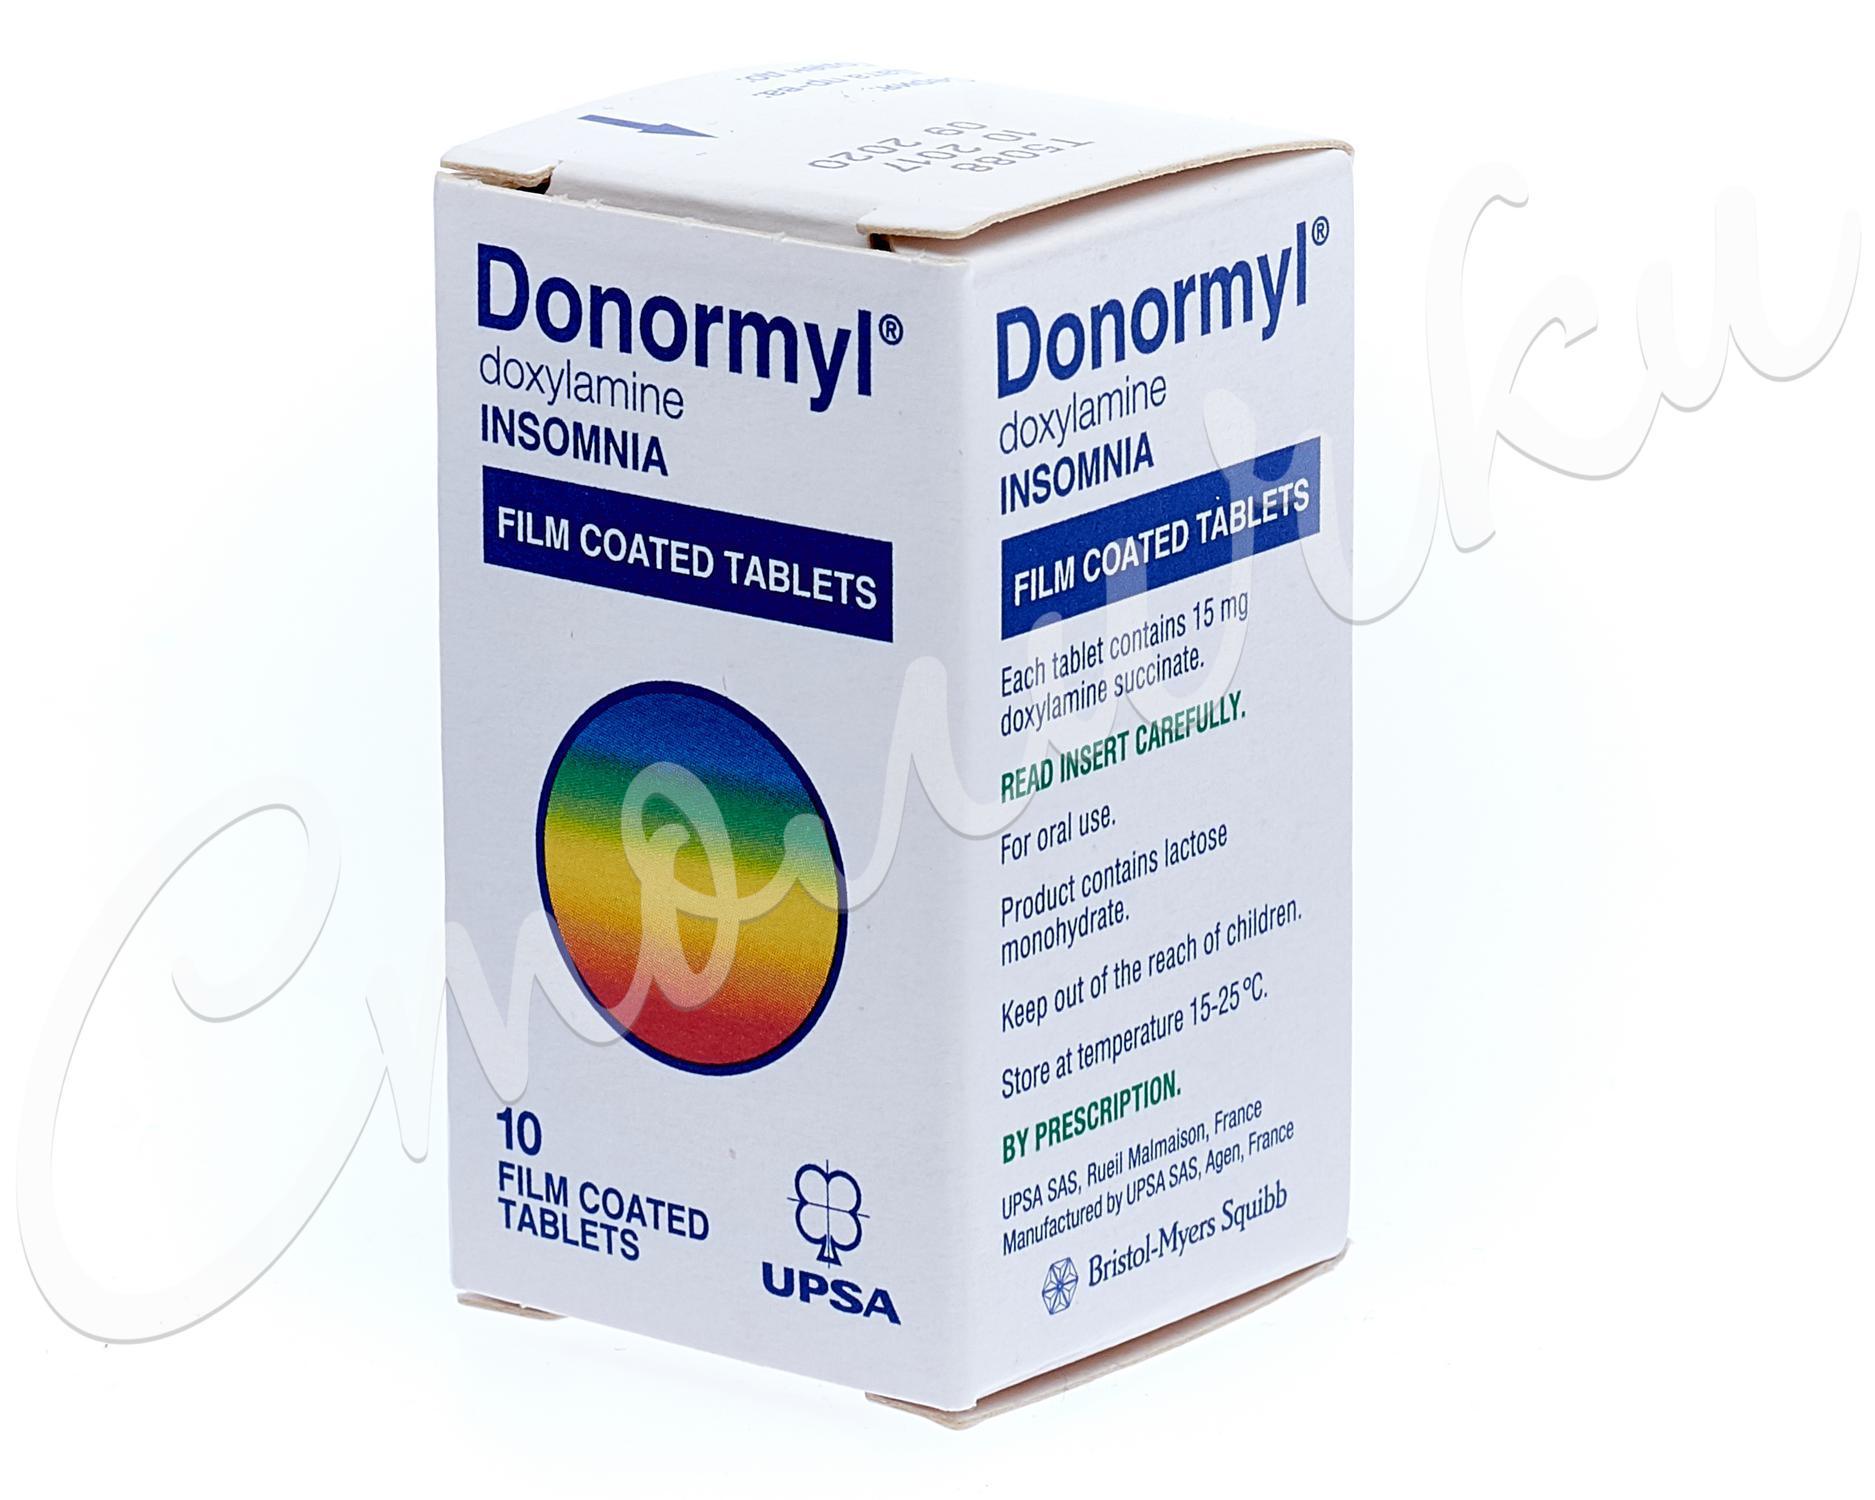 Инструкция о том как правильно применять таблетки донормил при остеохондрозе